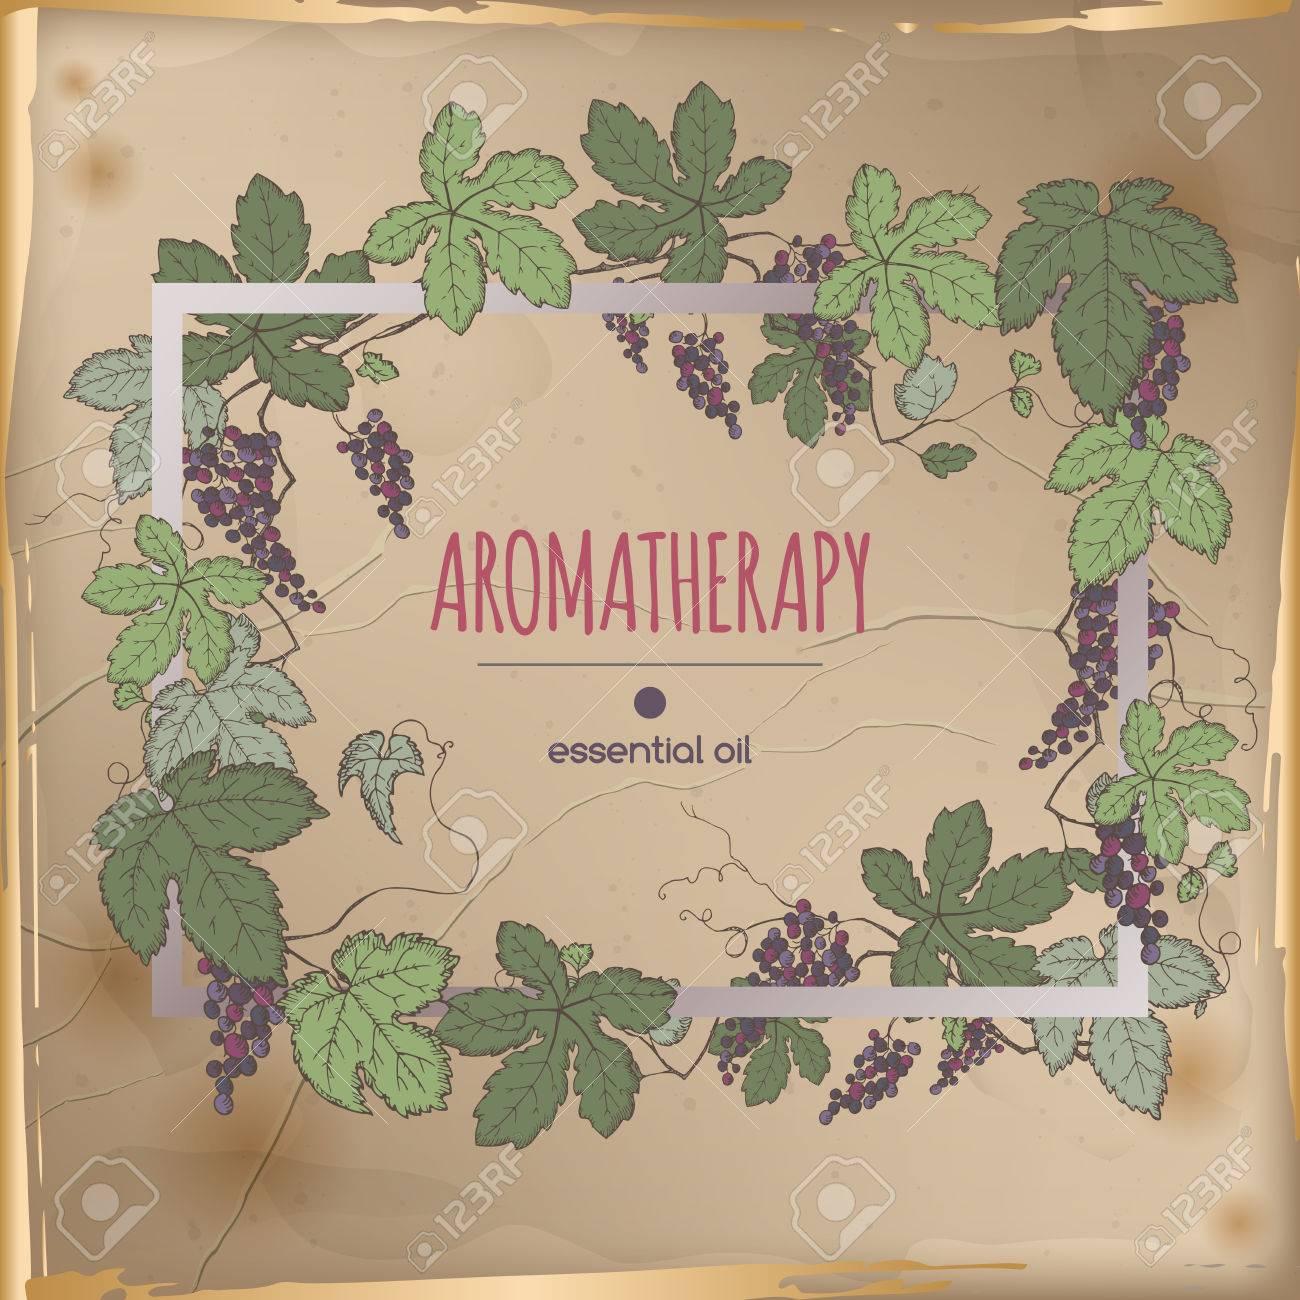 Elegante Rahmen-Vorlage Mit Farbe Trauben Früchte Und Blätter Skizze ...